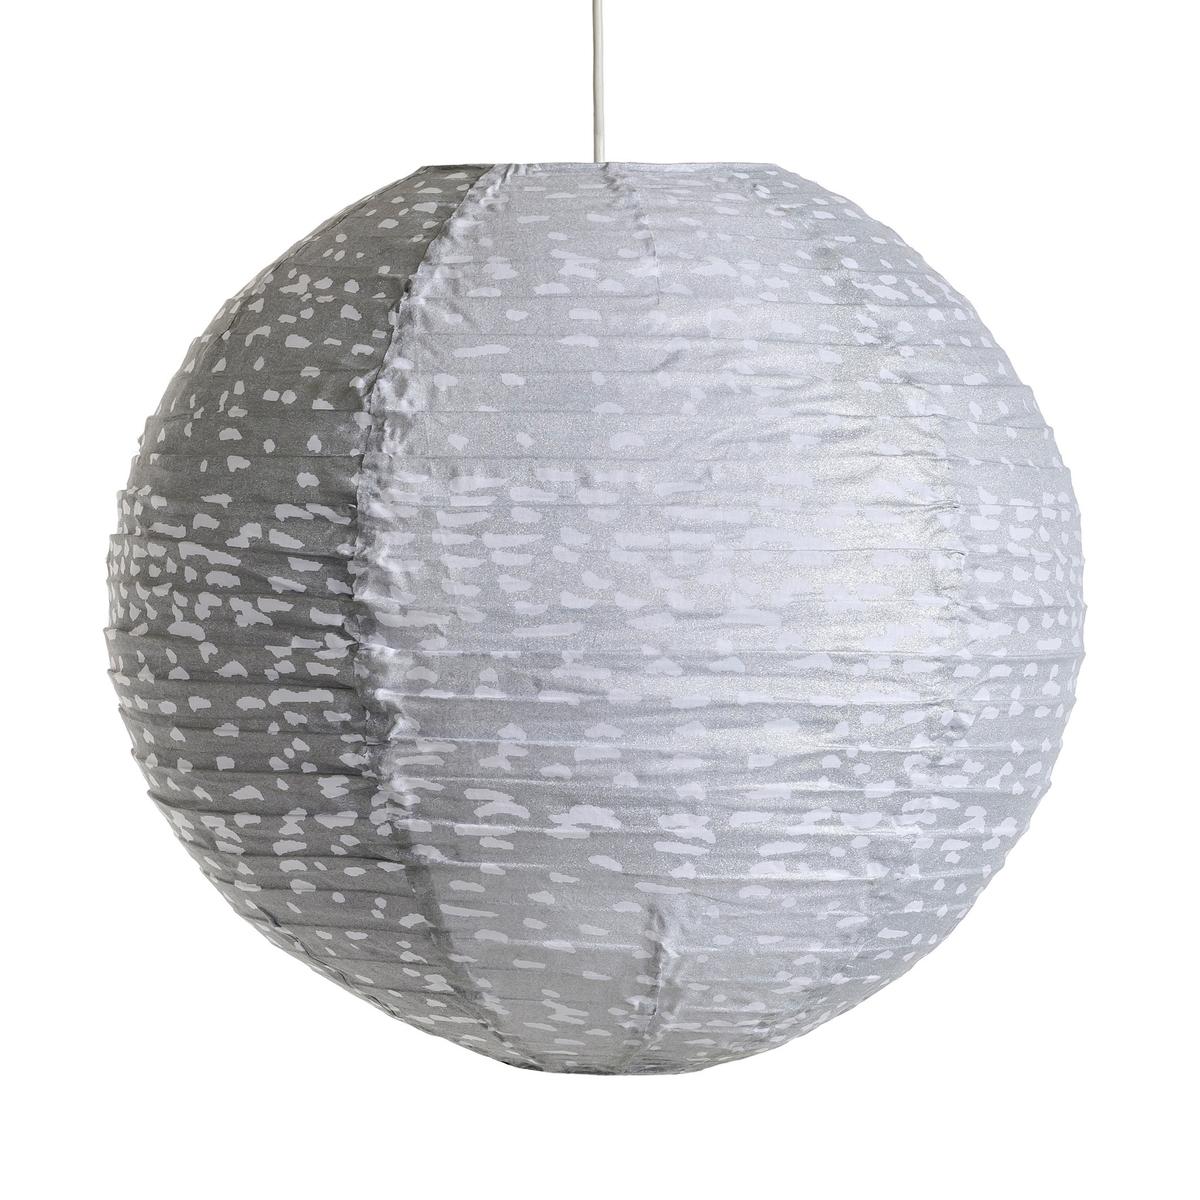 Светильник подвесной круглый Sidy с точечным рисункомХарактеристики :- Каркас из металлических проволок, обтянутый хлопком.- Без проводки . Размеры :- Размер. ?.50 см.<br><br>Цвет: серый/ белый